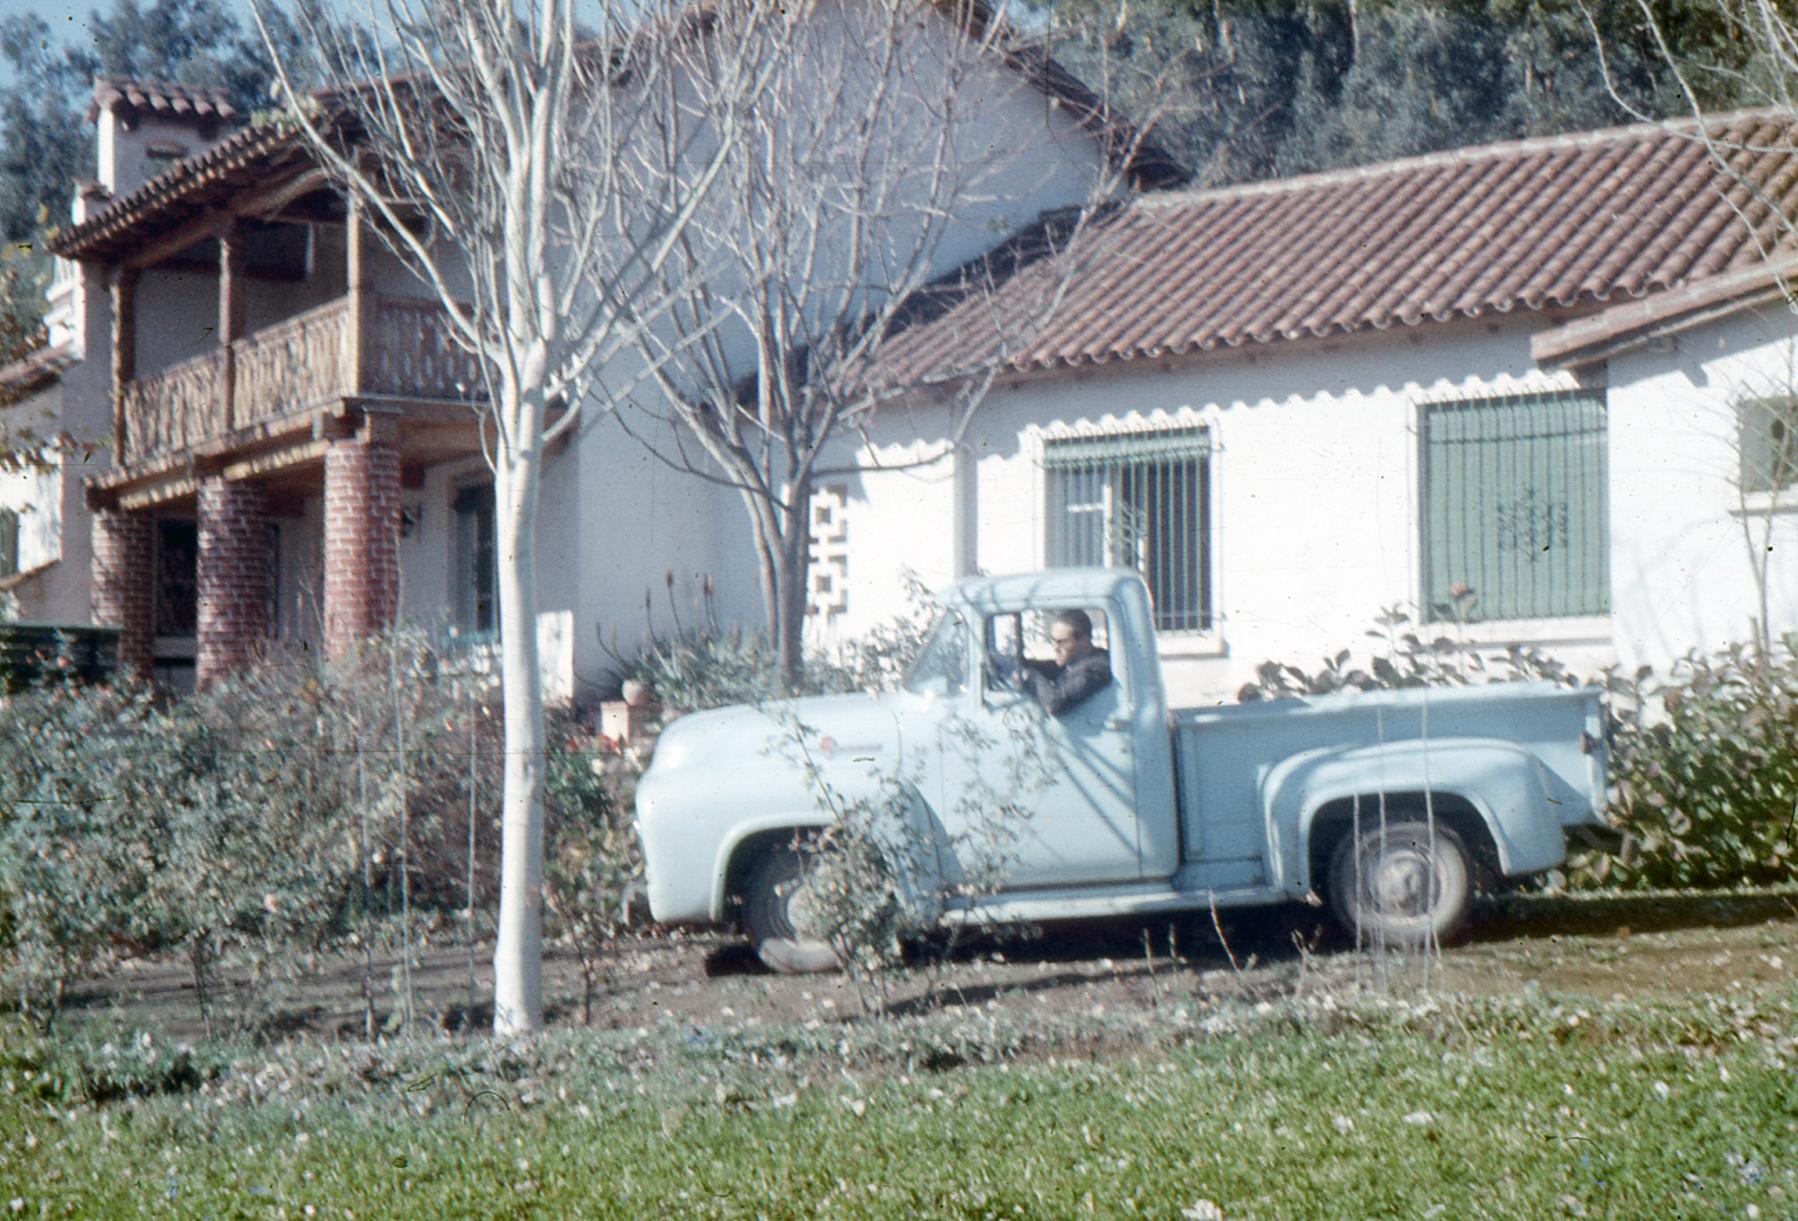 Enterreno - Fotos históricas de chile - fotos antiguas de Chile - Fundo la Punta 1957 - San Fco de Mostazal